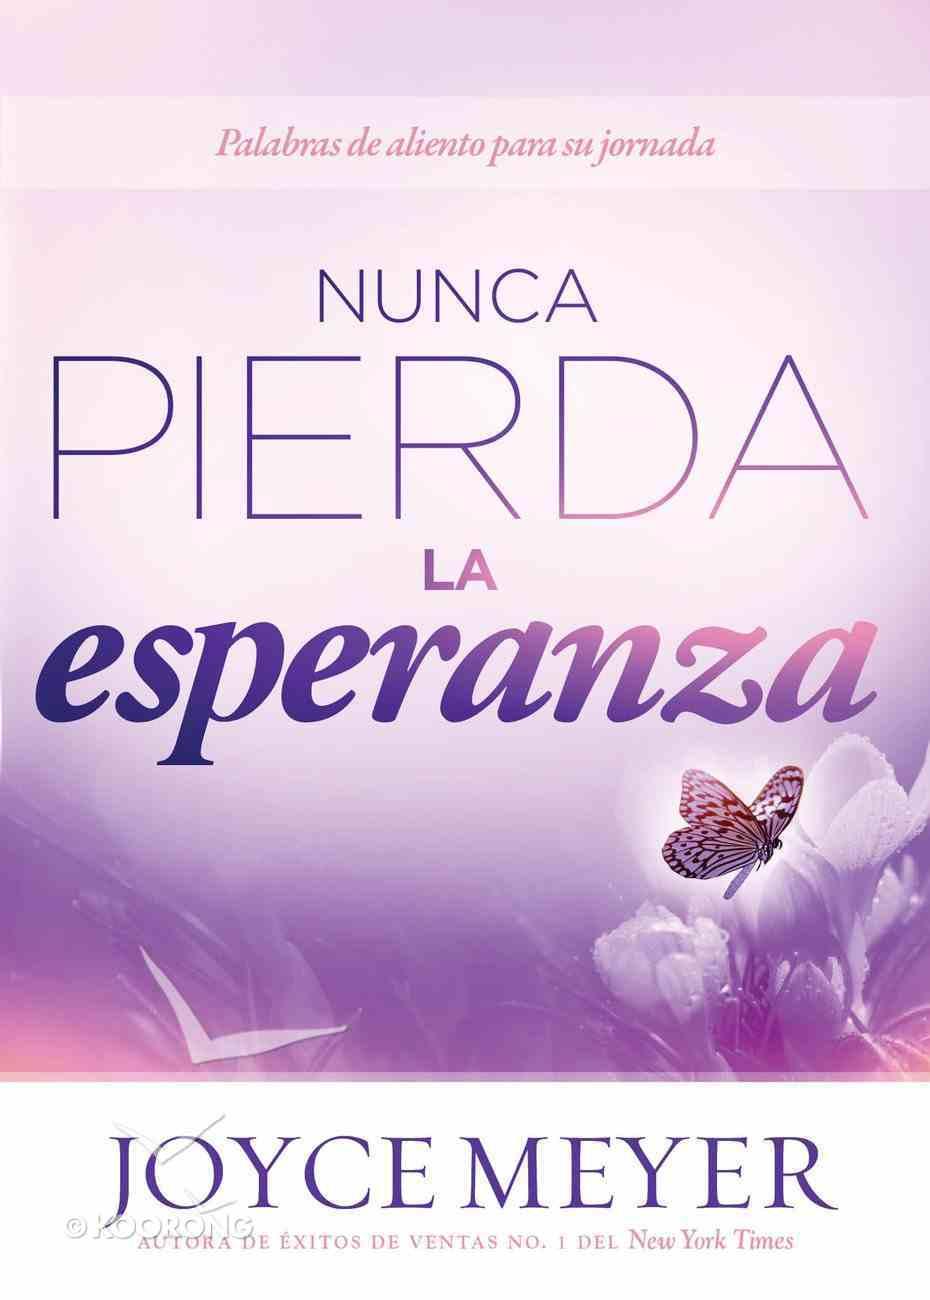 Nunca Pierda La Esperanza (Never Lose Heart) Paperback